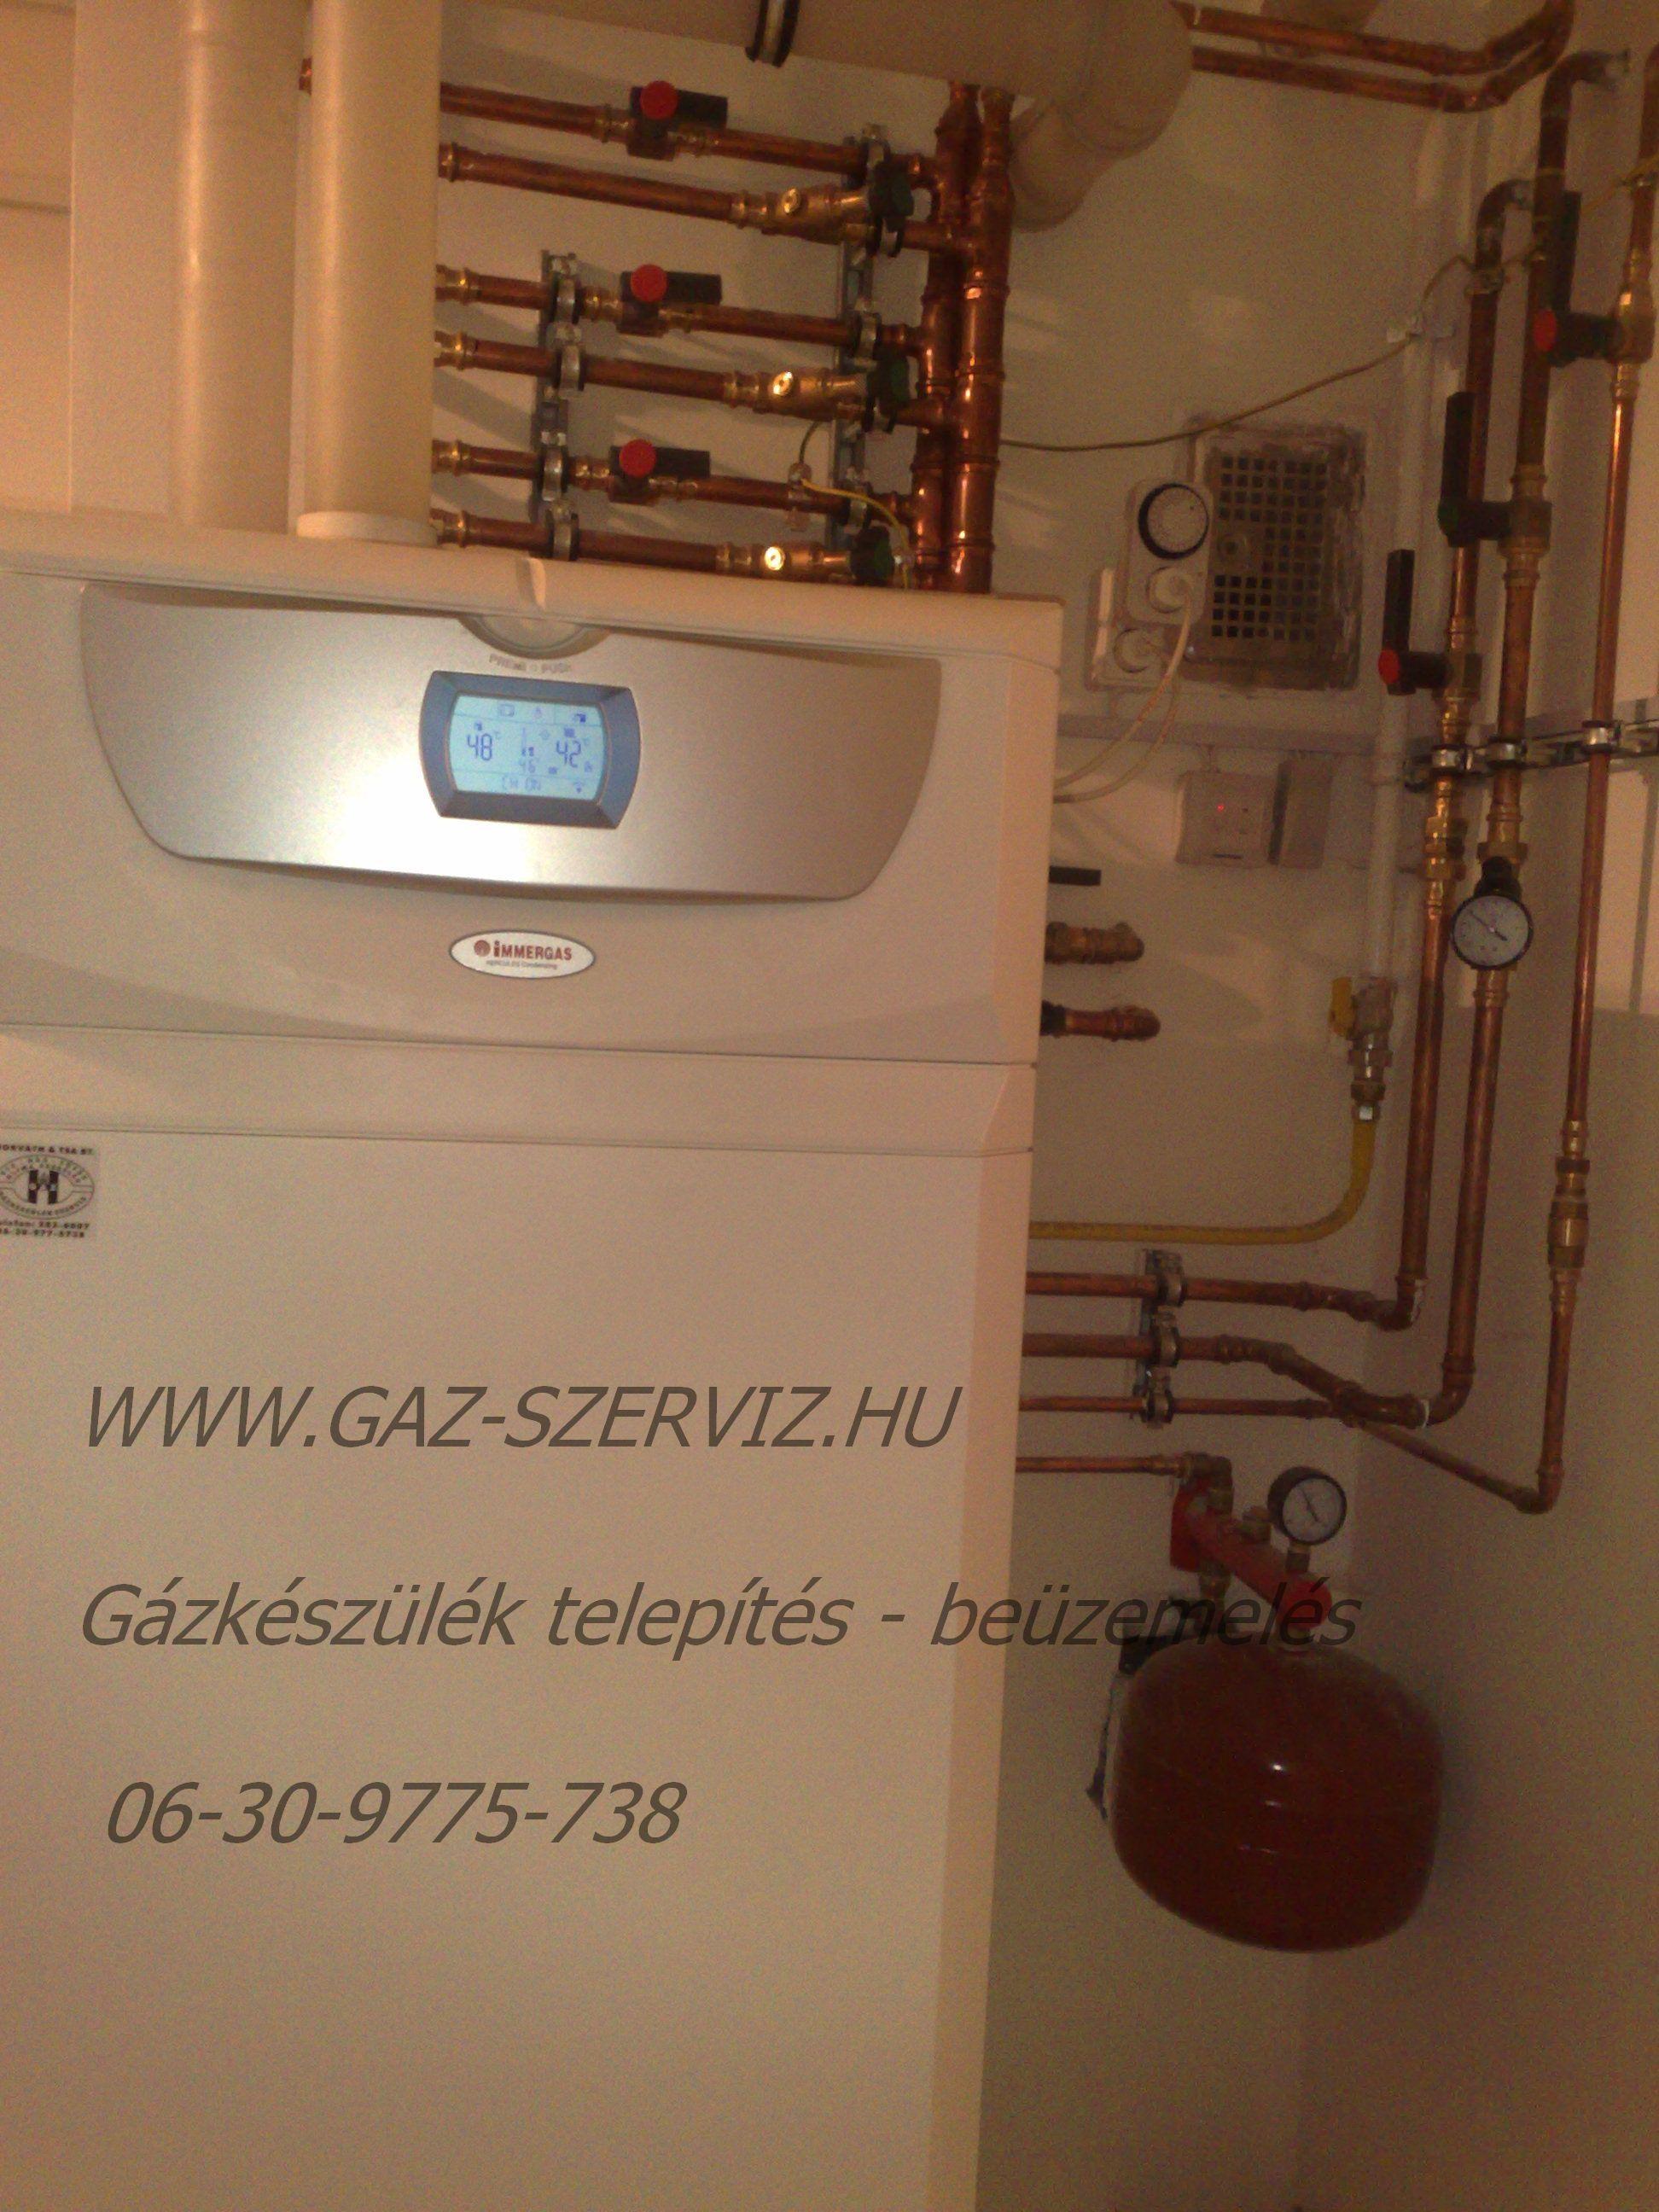 Gáz szerelő - Kazán szerelés - Gázkazán csere - Gázkazán szerelés - Gázkészülék csere - Kondenzációs kazán - Gázkészülék szervíz - Gázkészülék javítás - Gázvezeték felülvizsgálat - Kémény épités -  Kéménybélelés - Gáz szerelés - Gázvezeték szerelés - Központi fűtés szerelés - vízvezeték szerelés - Fűtés tisztítás 06-30-9775-738